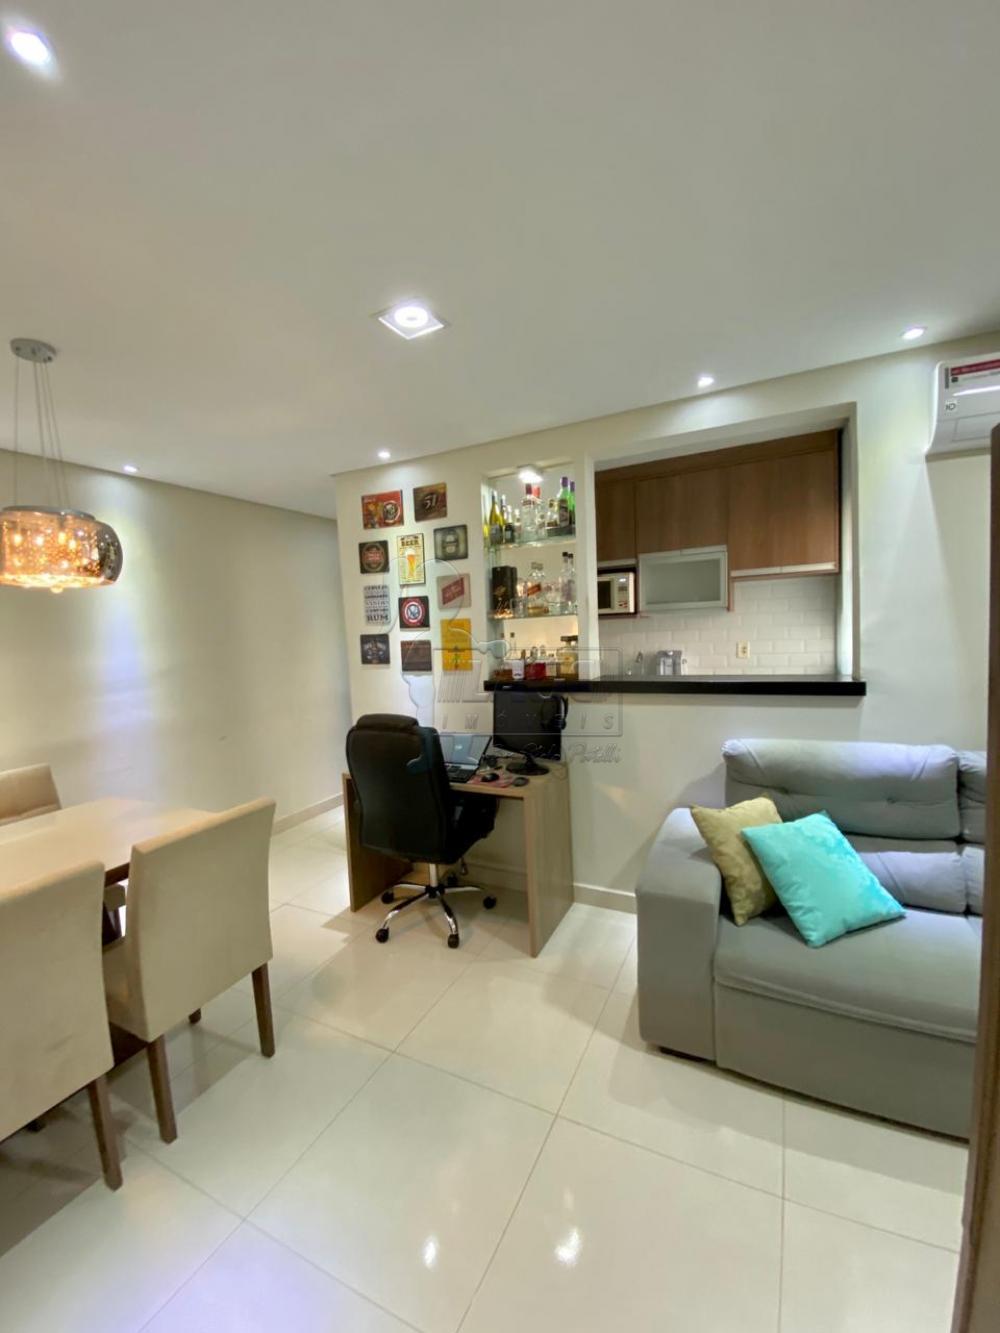 Comprar Apartamento / Padrão em Ribeirao Preto apenas R$ 212.000,00 - Foto 2